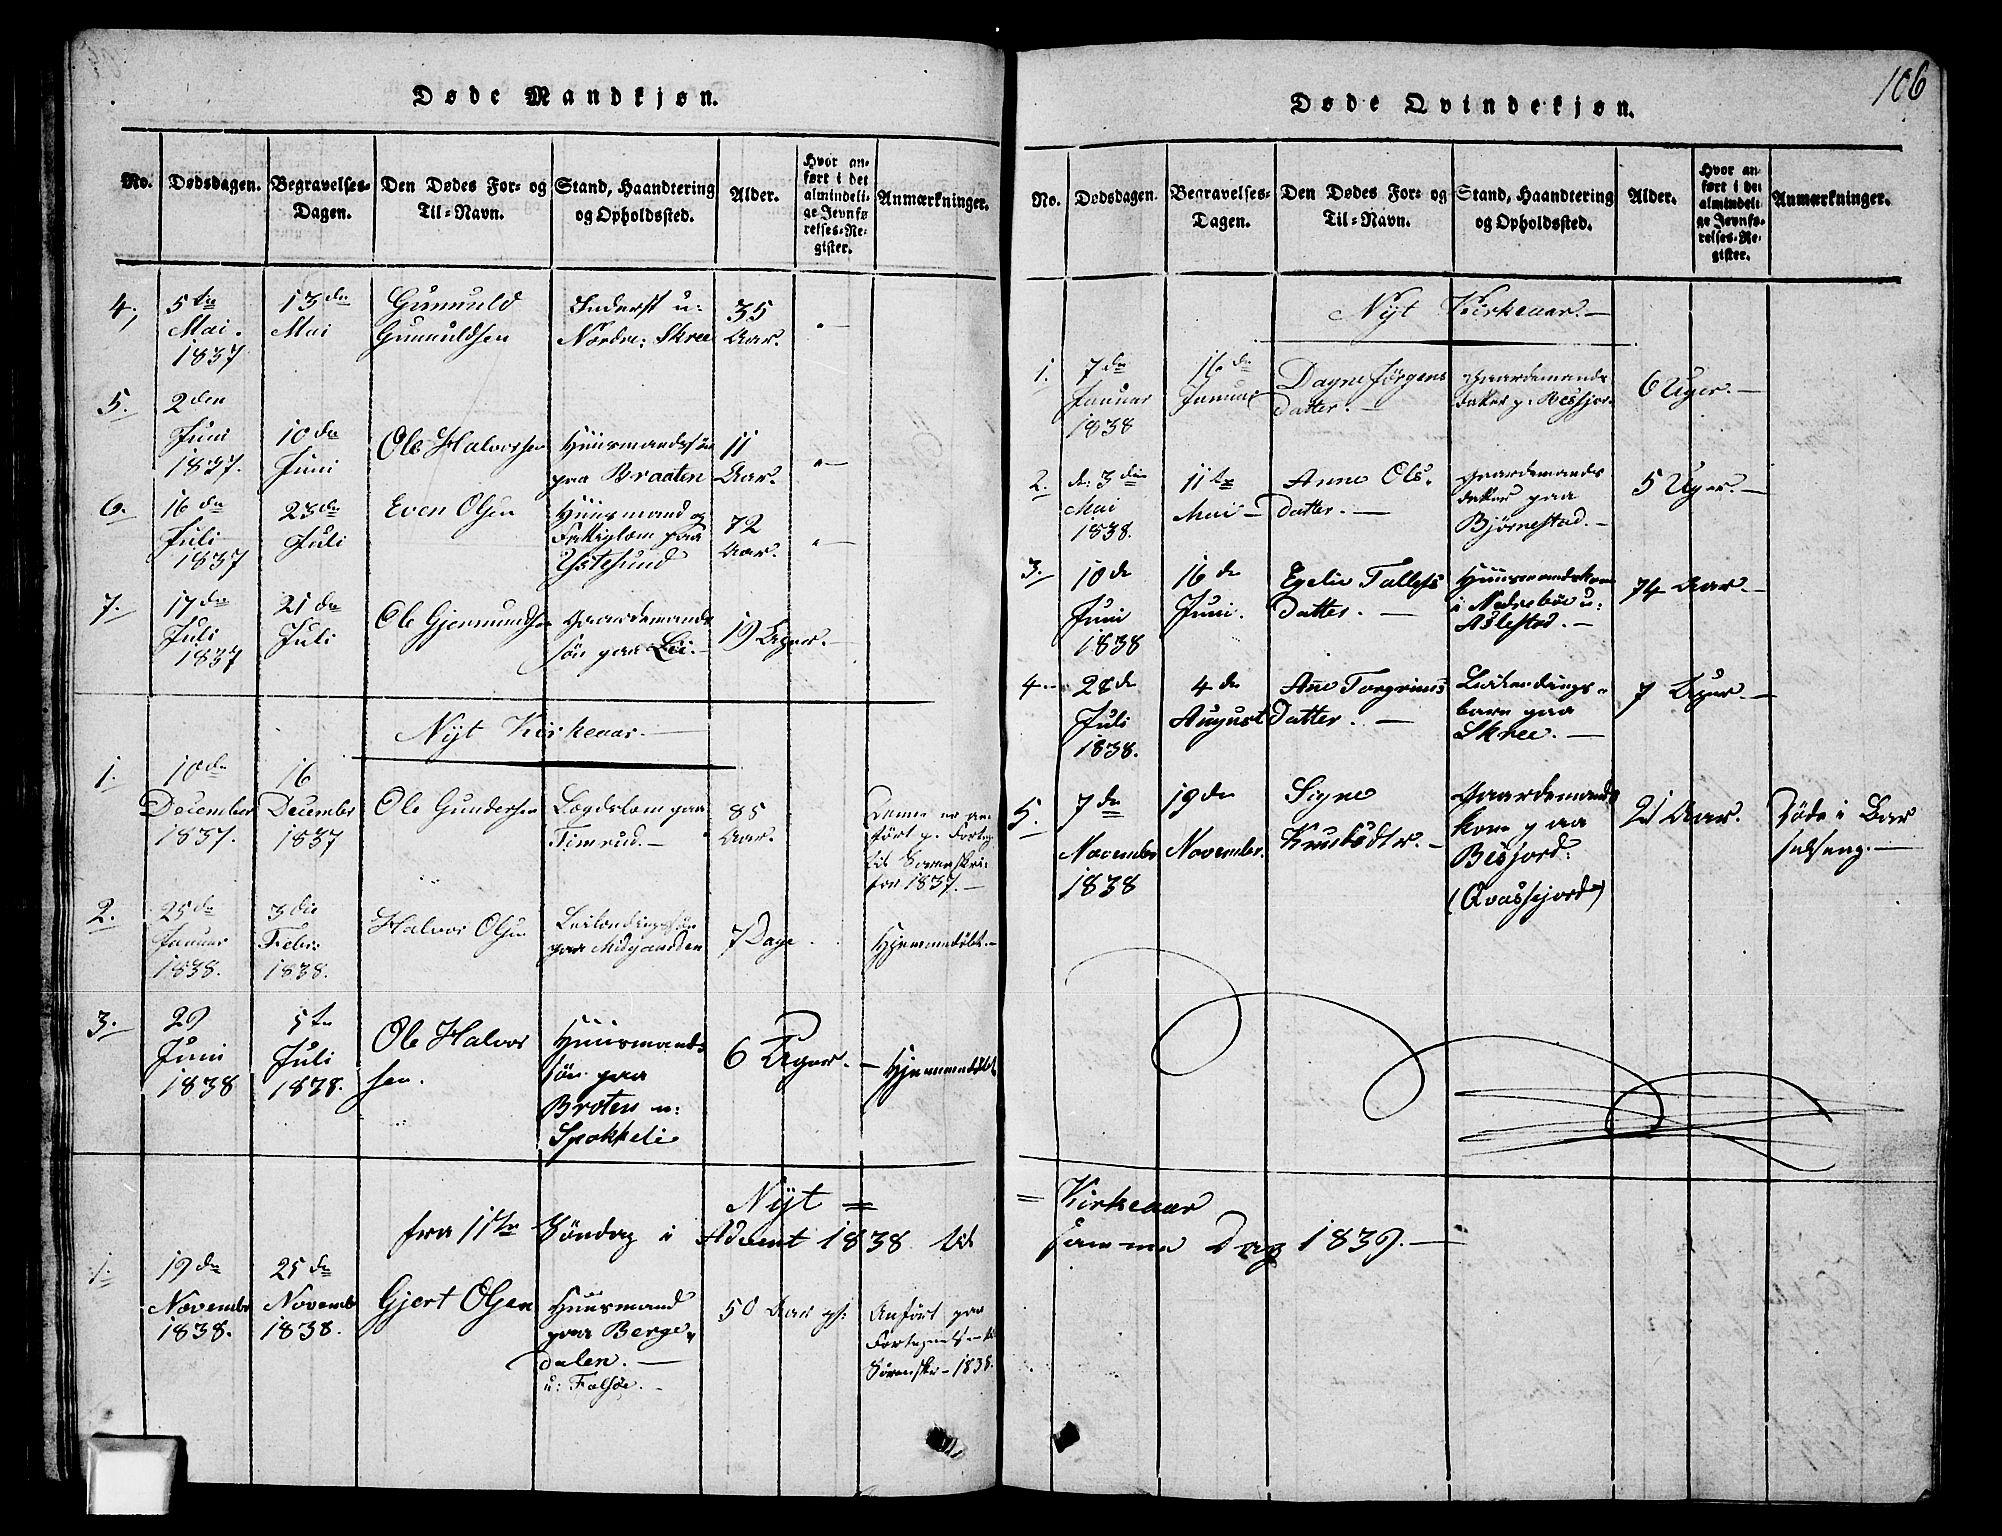 SAKO, Fyresdal kirkebøker, G/Ga/L0003: Klokkerbok nr. I 3, 1815-1863, s. 106